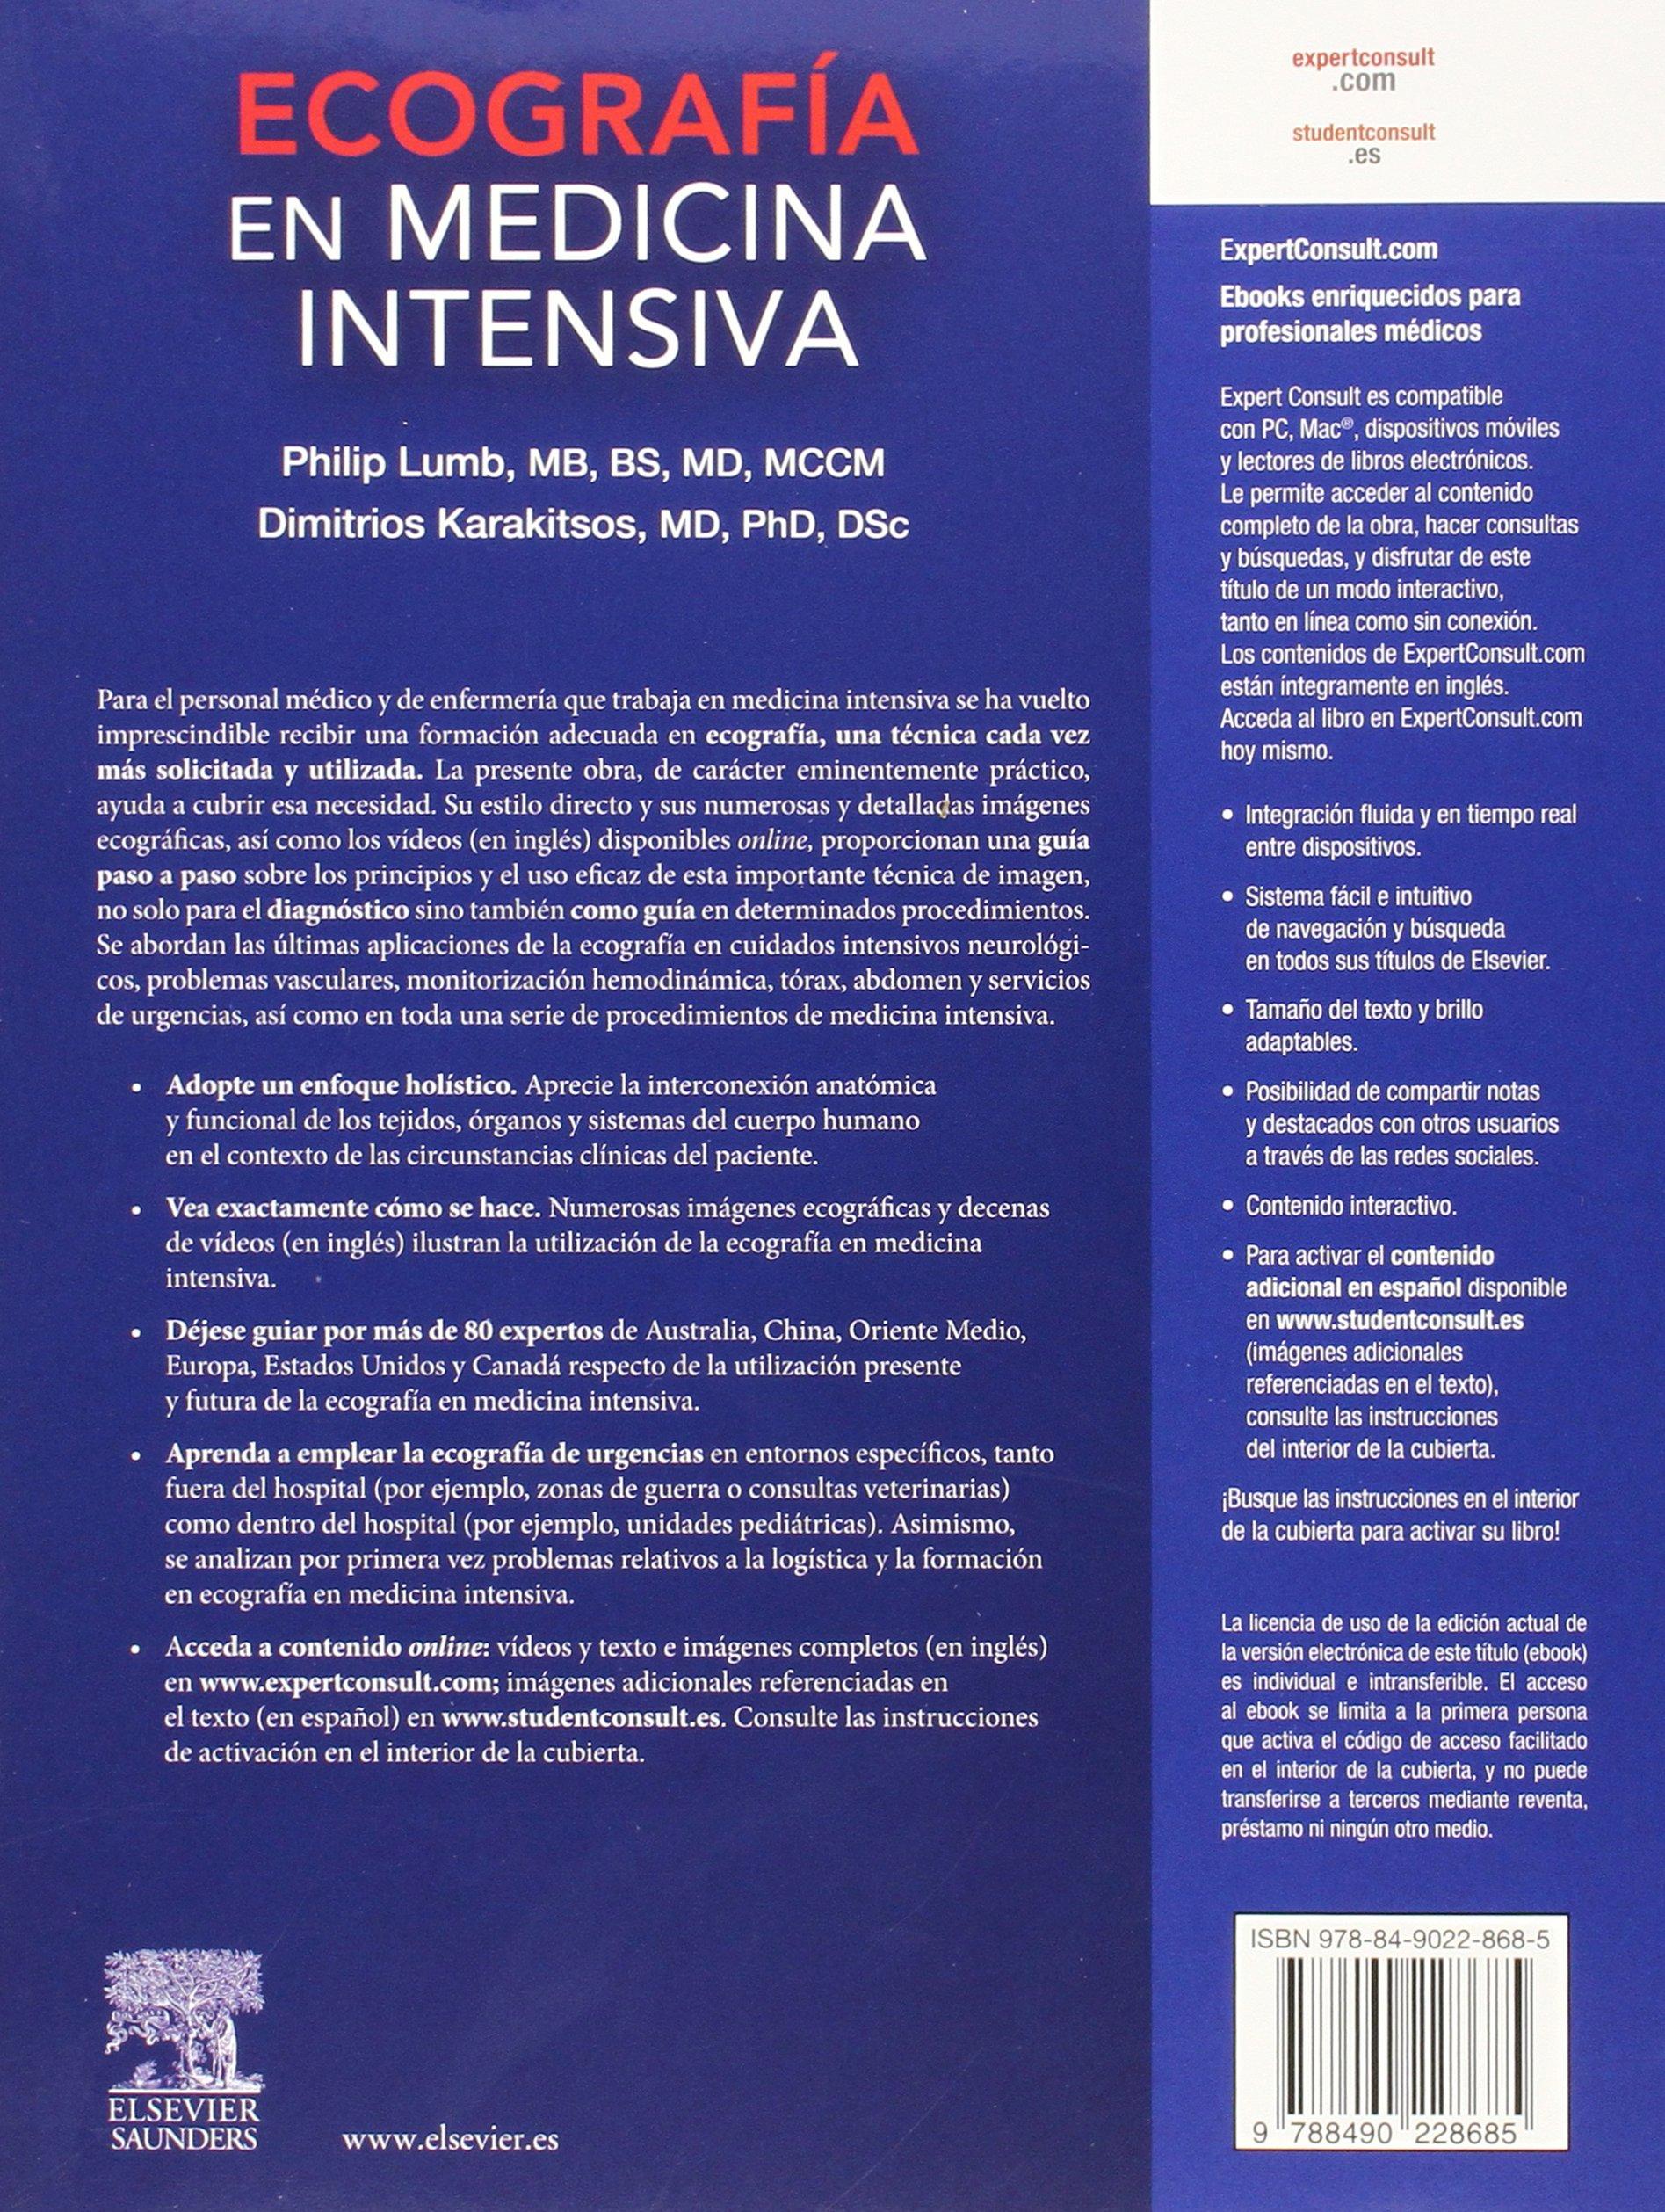 Ecografía En Medicina Intensiva + Acceso Web Y ExpertConsult: Amazon.es: Philip Lumb MB BS, Dimitrios Karakitsos: Libros